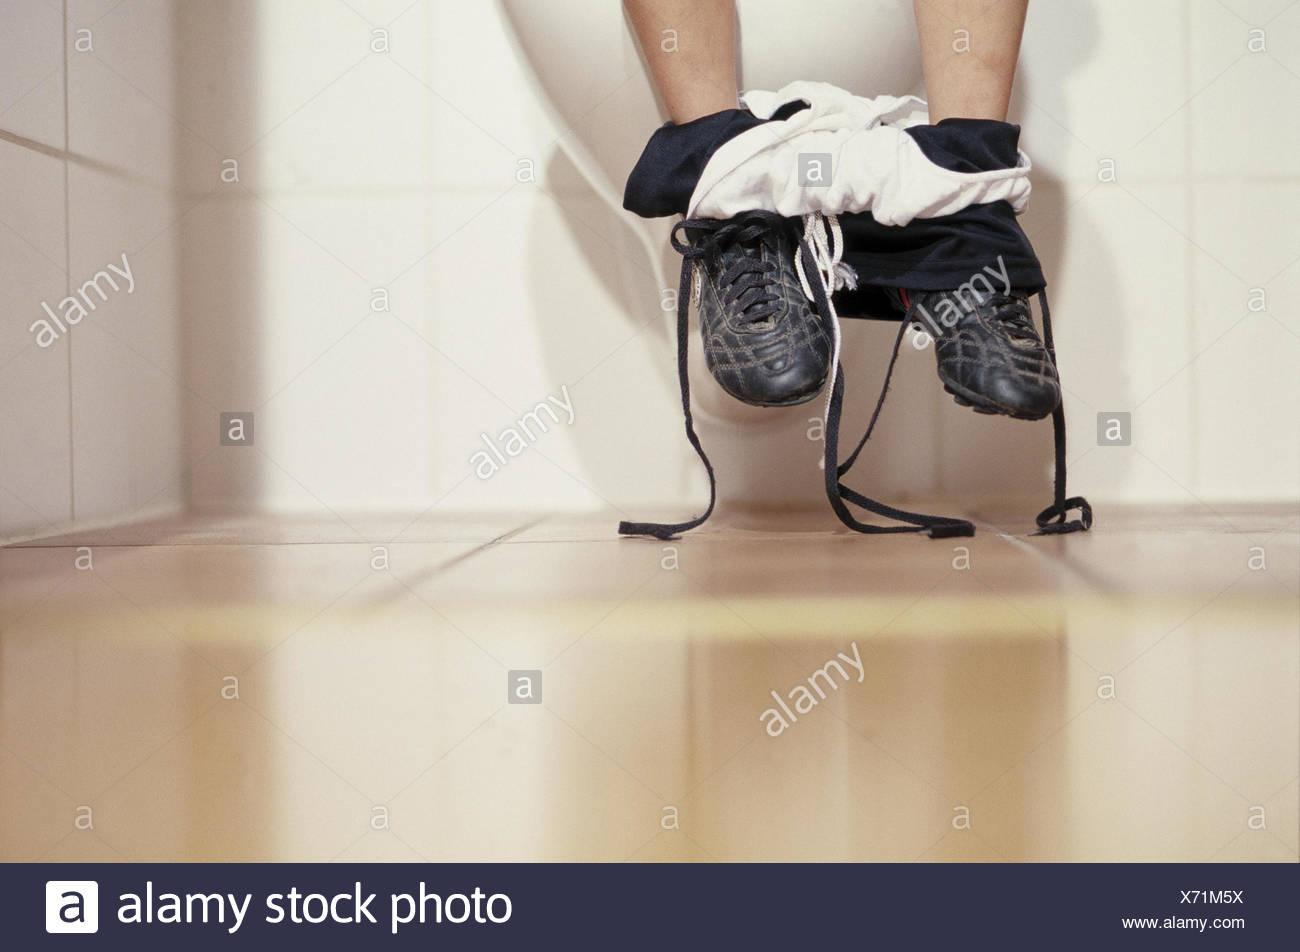 Meuble Salle De Bain Iea ~ Salle De Bain Toilettes Gar On S Asseoir D Tail Les Pieds L